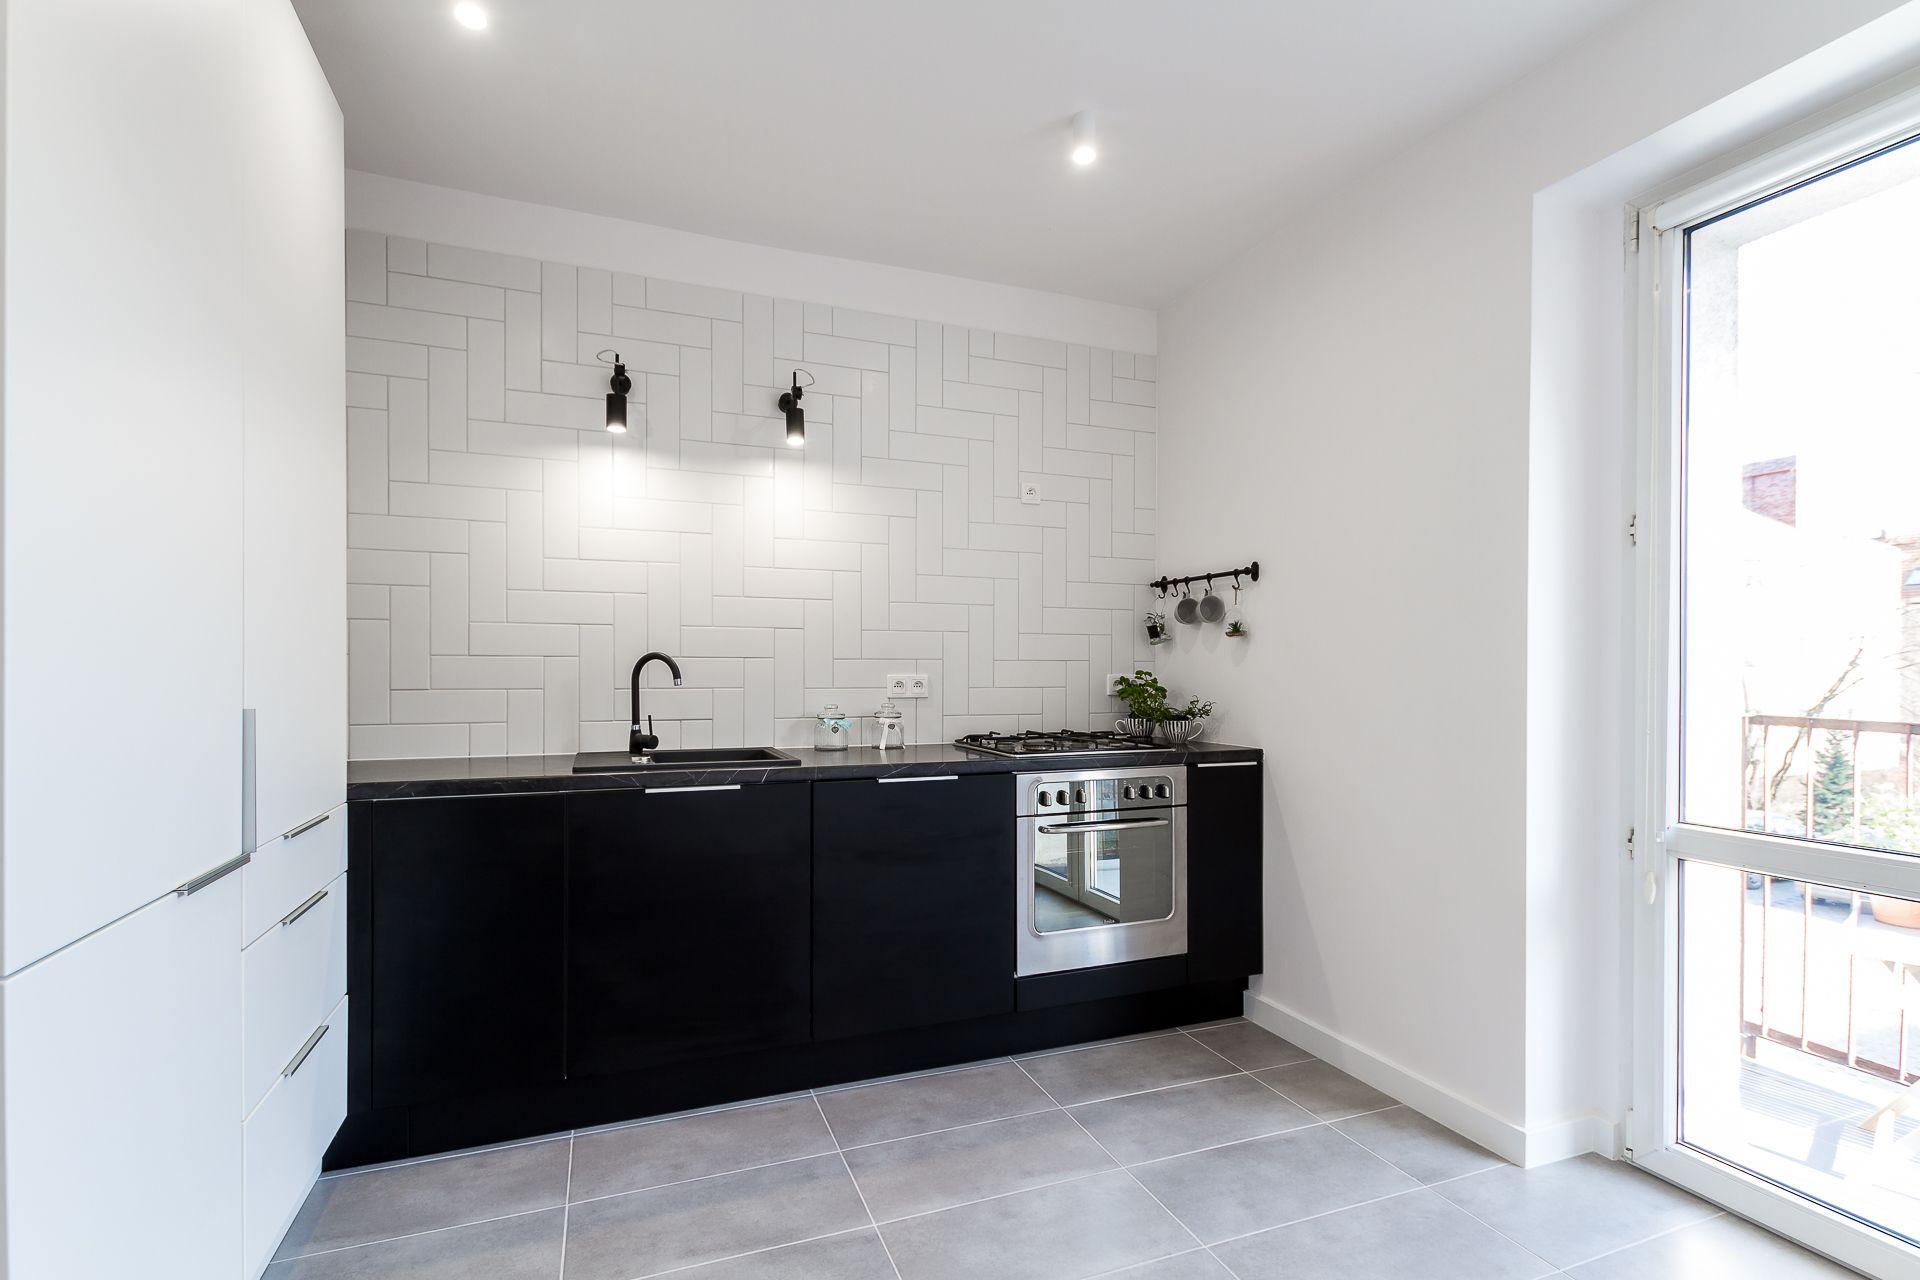 Kuchnia W Mieszkaniu Inwestycyjnym W Poznaniu Www Housestudio Pl Vanity Double Vanity Bathroom Vanity